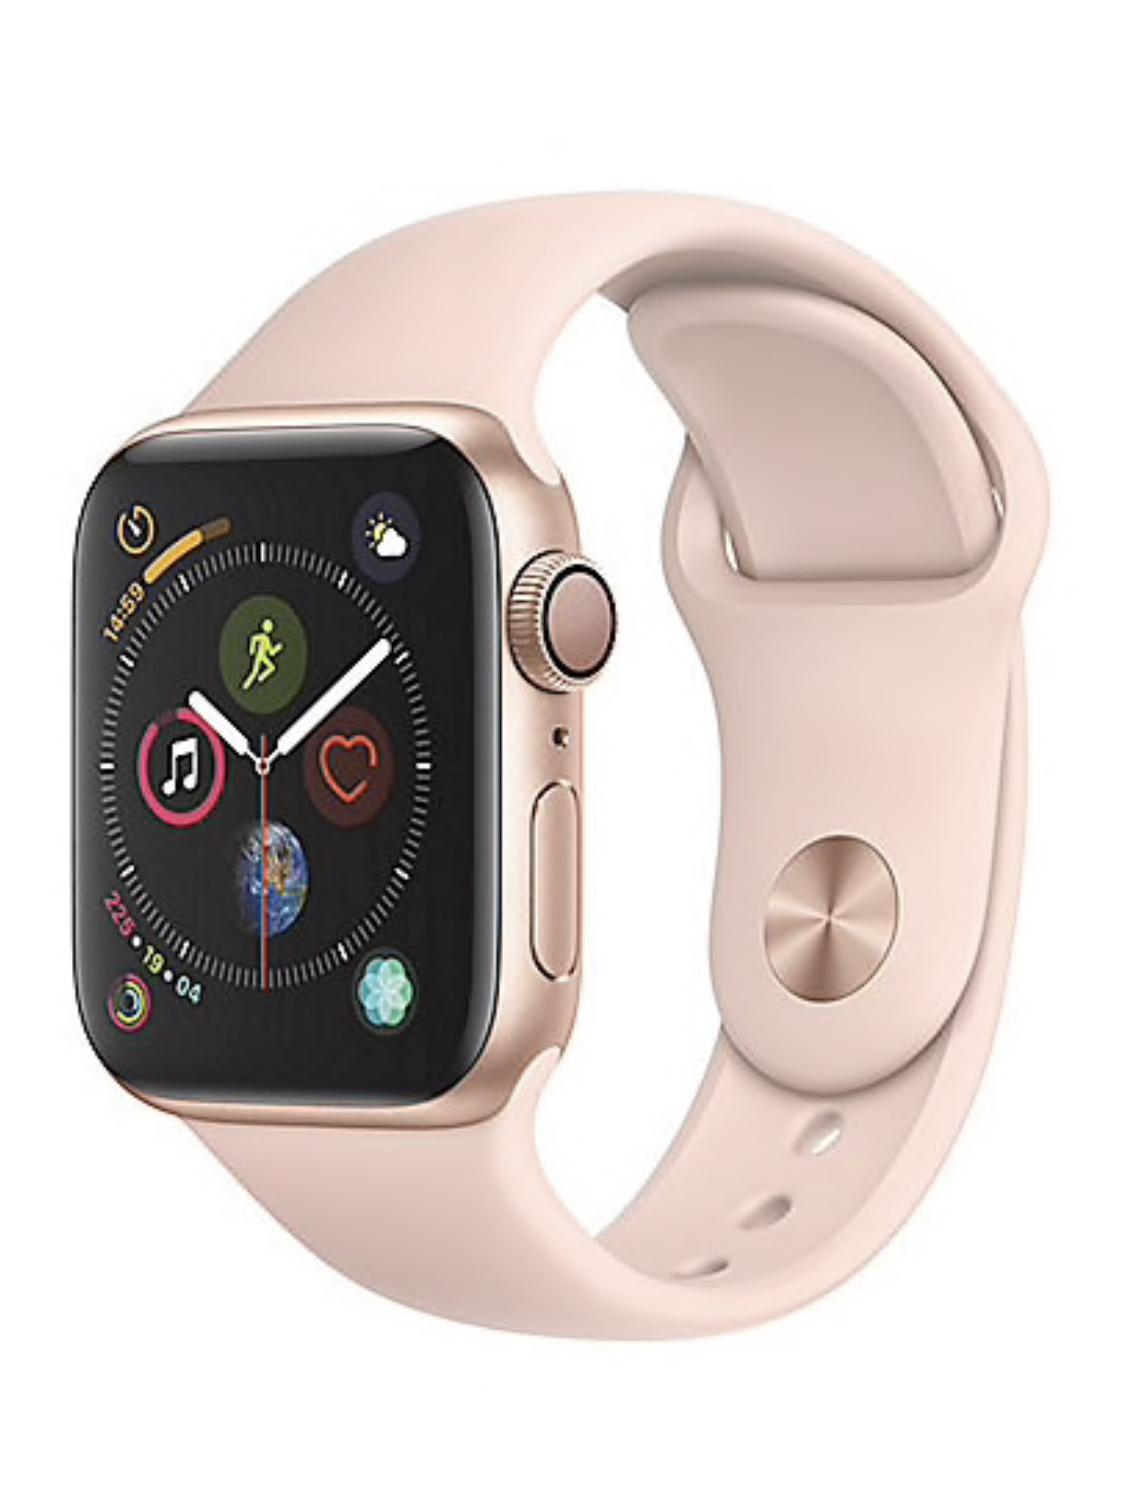 Apple Watch Series 4 GPS 40mm Aluminiumgehäuse Gold mit Sportarmband Sandrosa